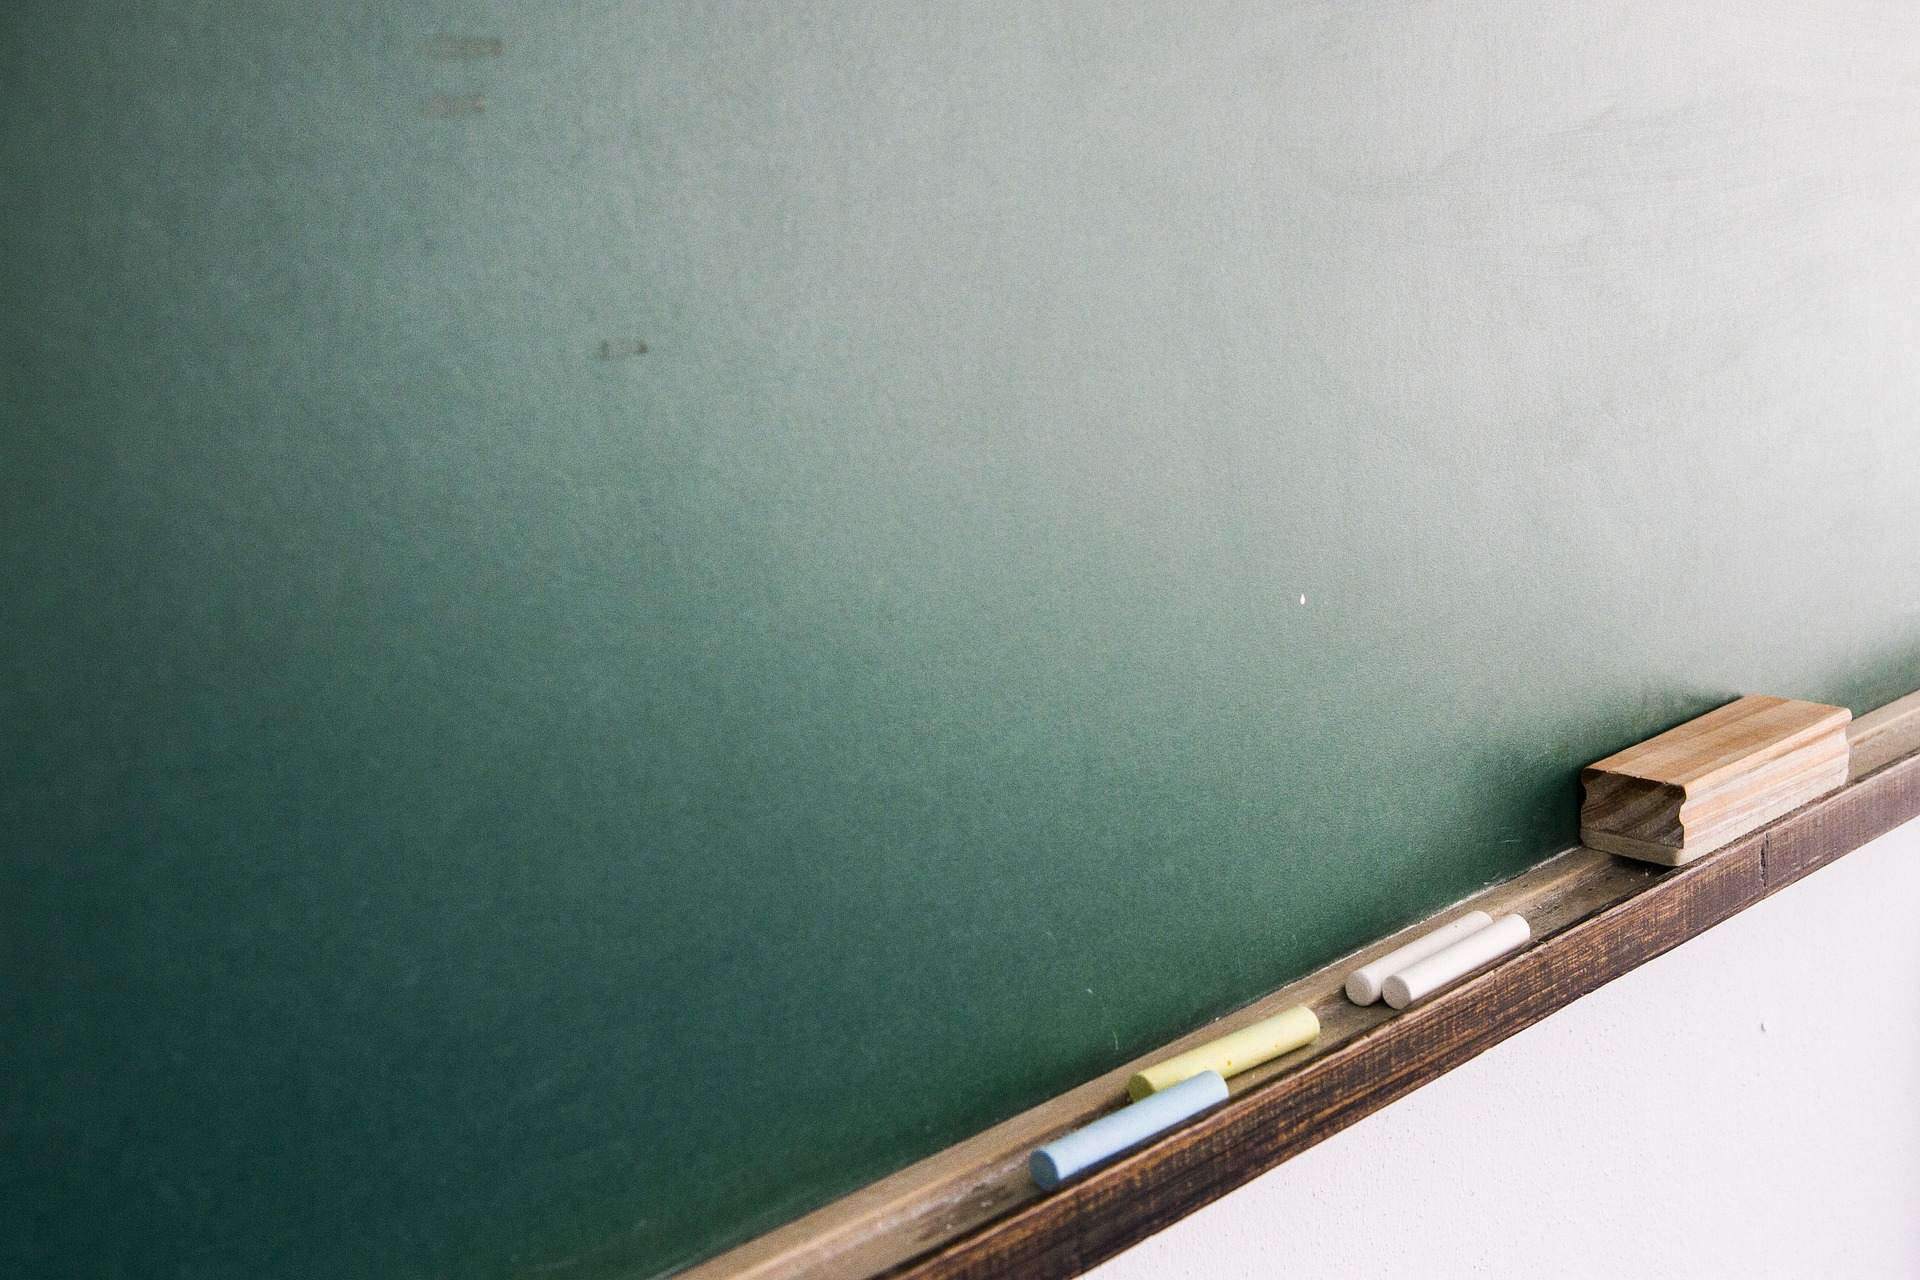 blackboard chalk duster Indian education